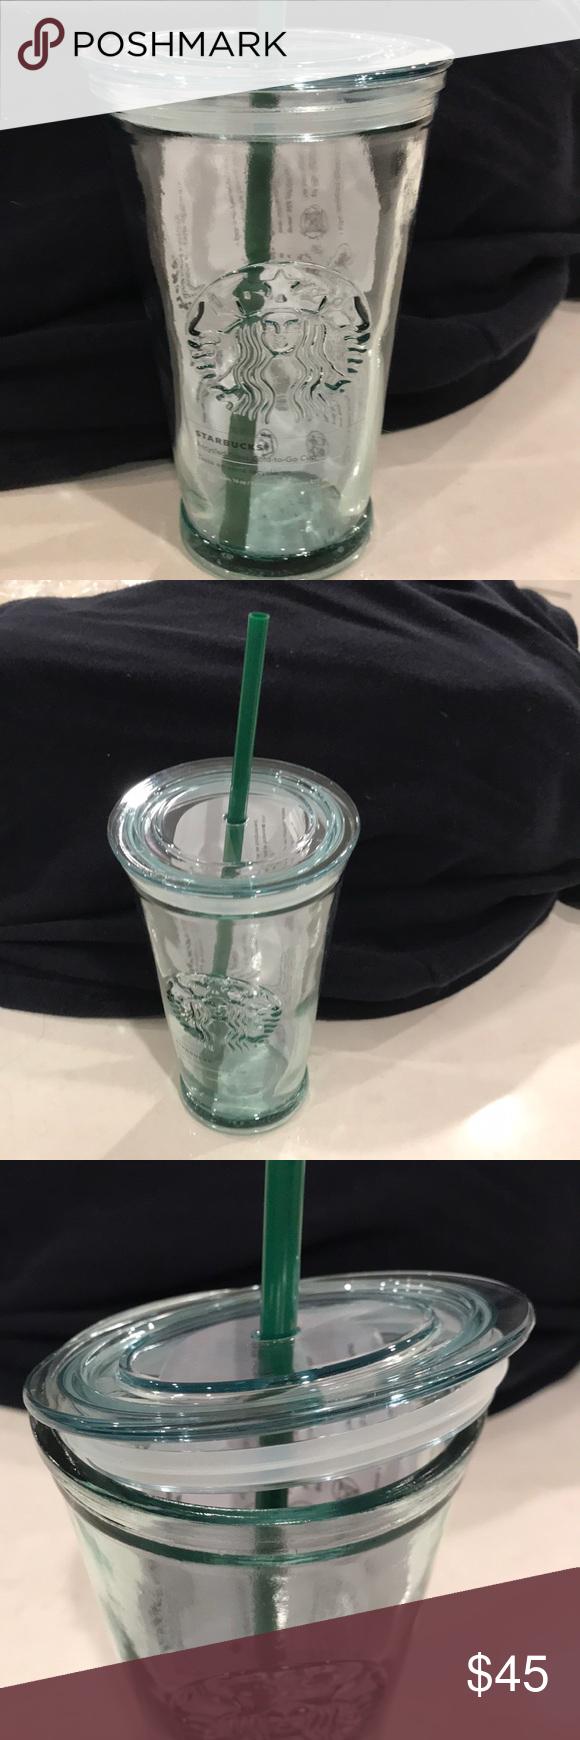 Starbucks Glass Cup Starbucks Accessories Glass Cup Starbucks [ 1740 x 580 Pixel ]